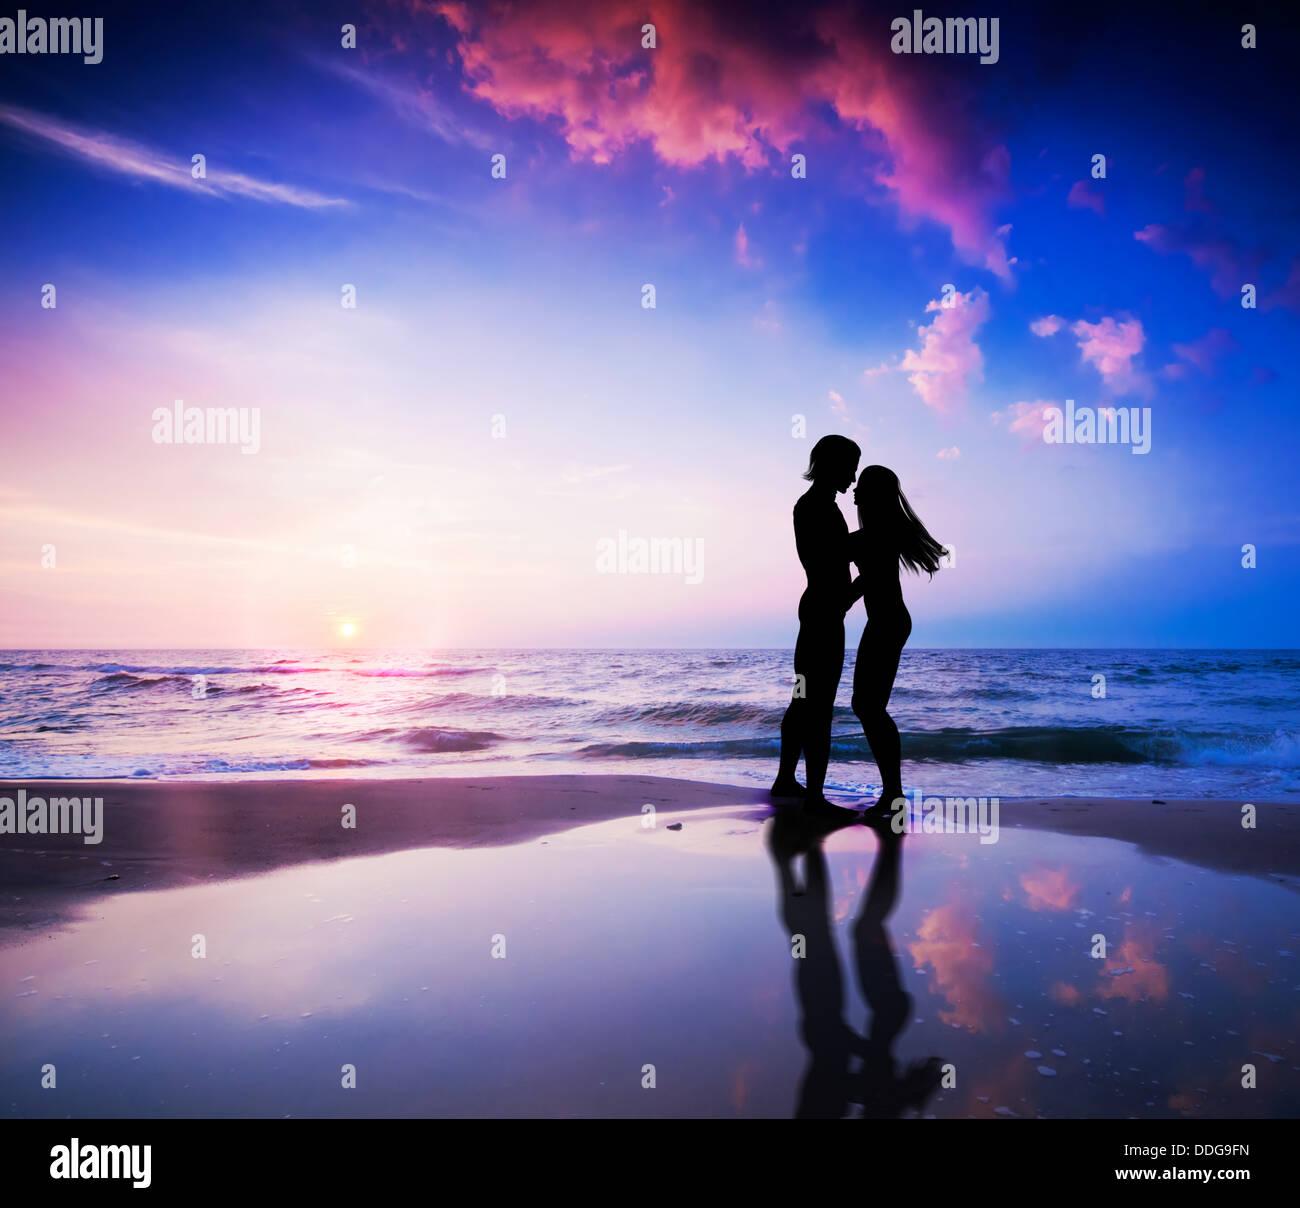 Couple romantique à propos d'embrasser sur la plage au coucher du soleil Photo Stock